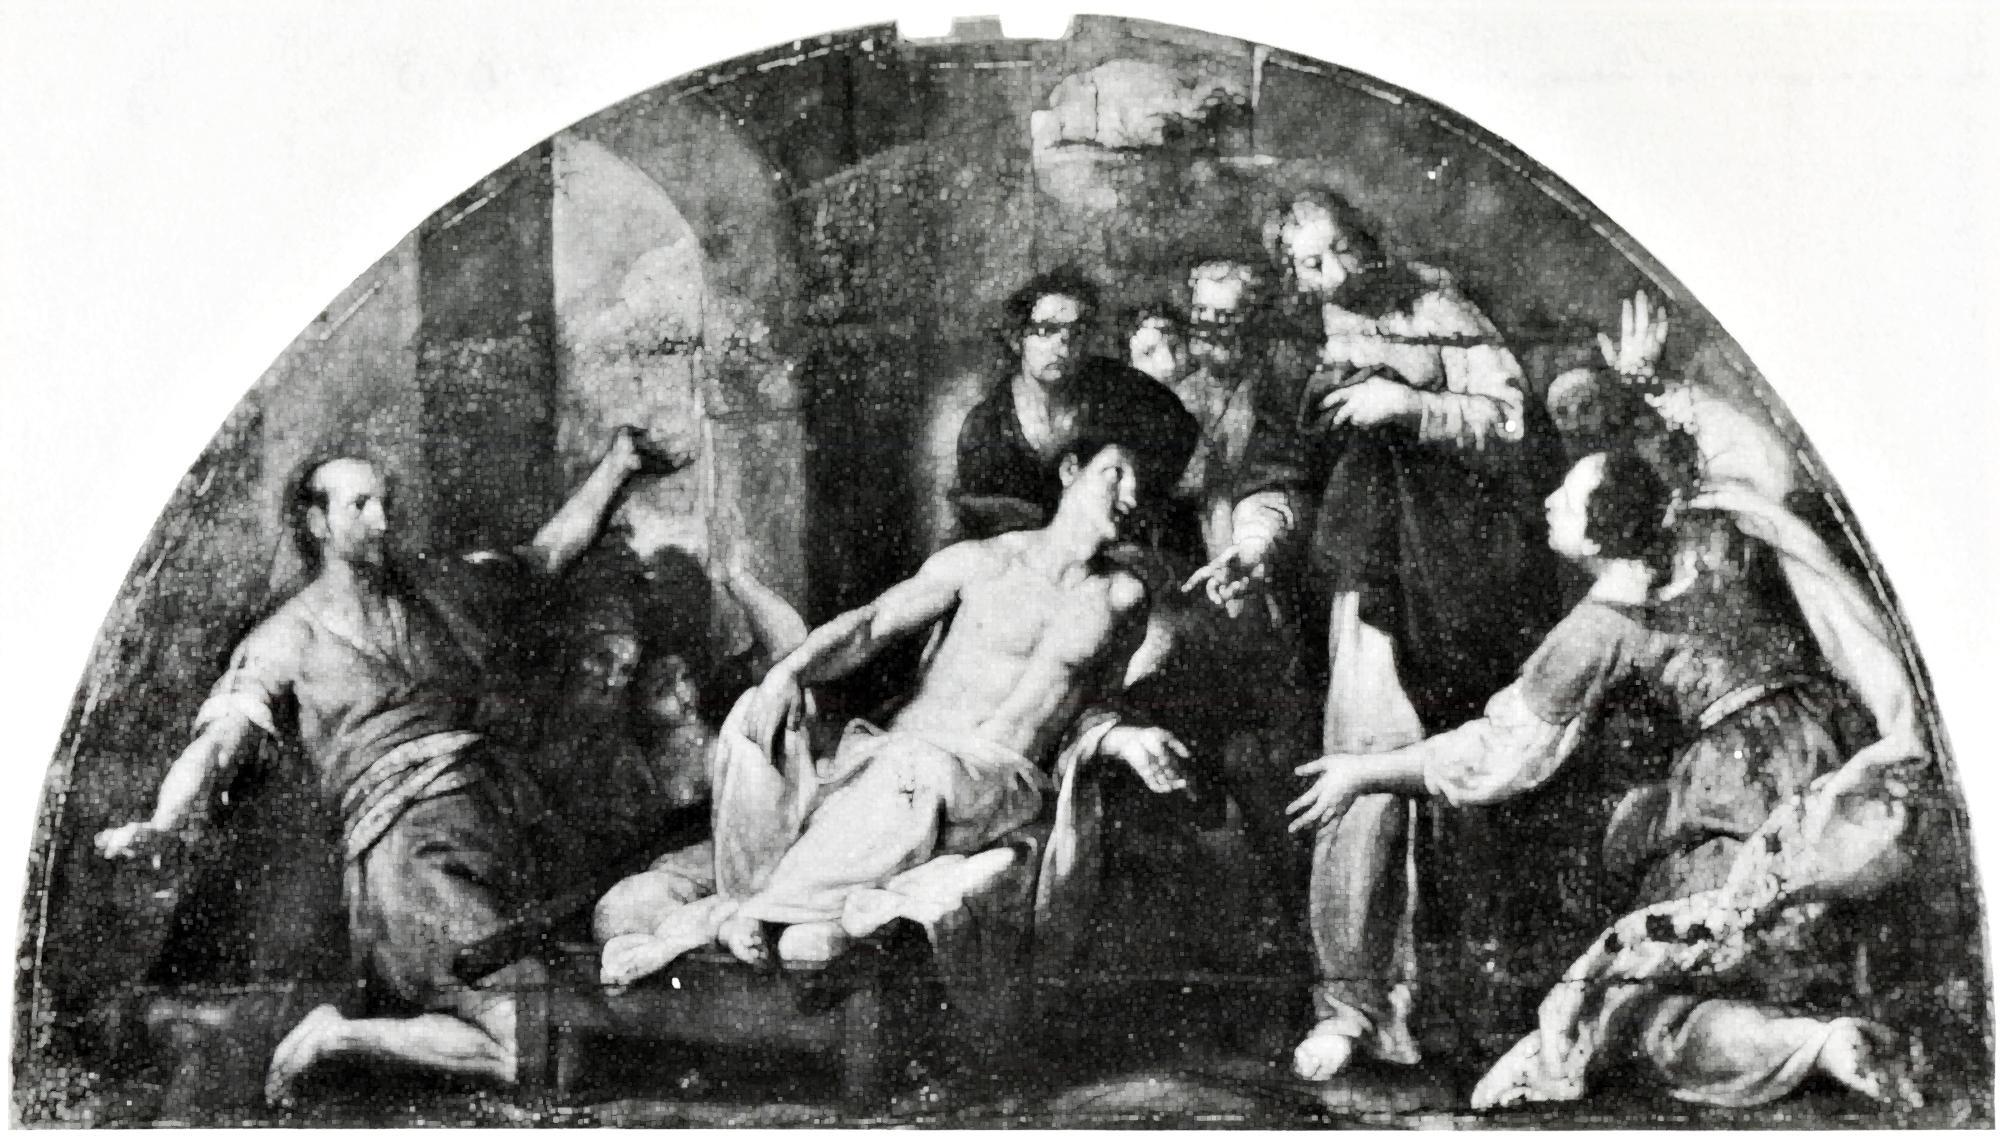 Il miracolo del figlio della vedova, vecchia chiesa di S. Giacomo, Battaglia Terme.